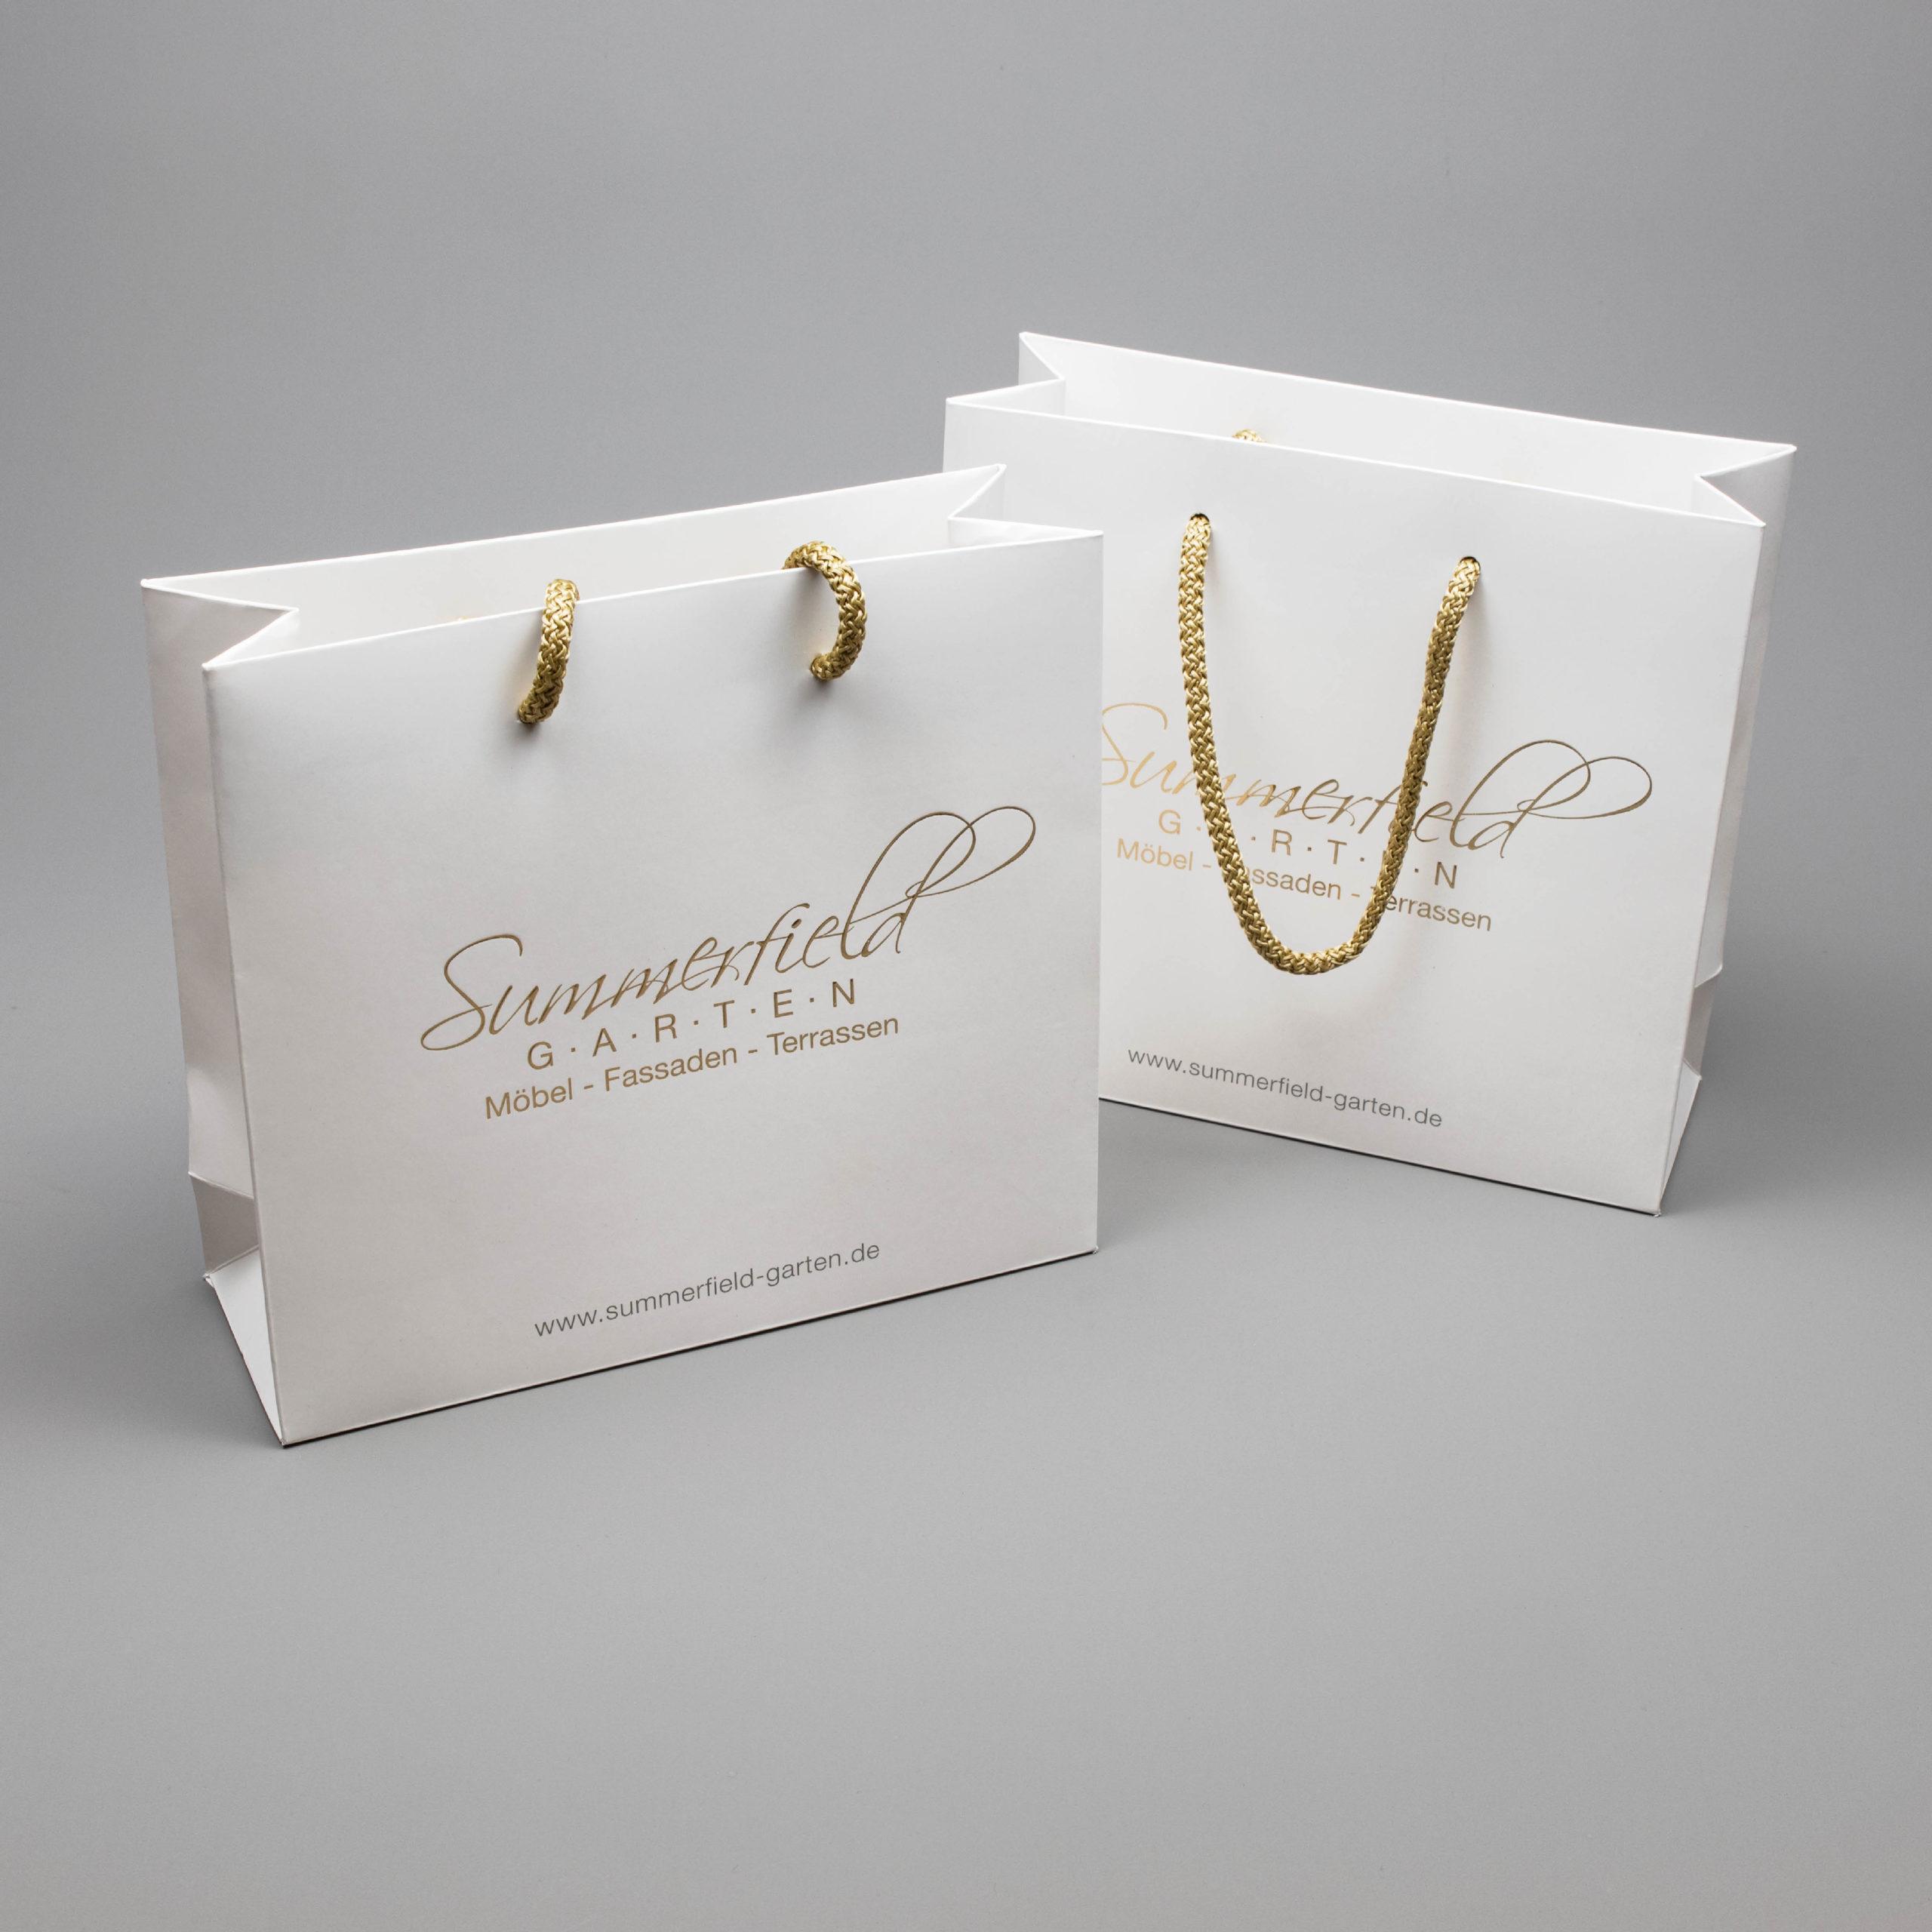 Gestaltung einer hochwertigen Papiertasche für Summerfield